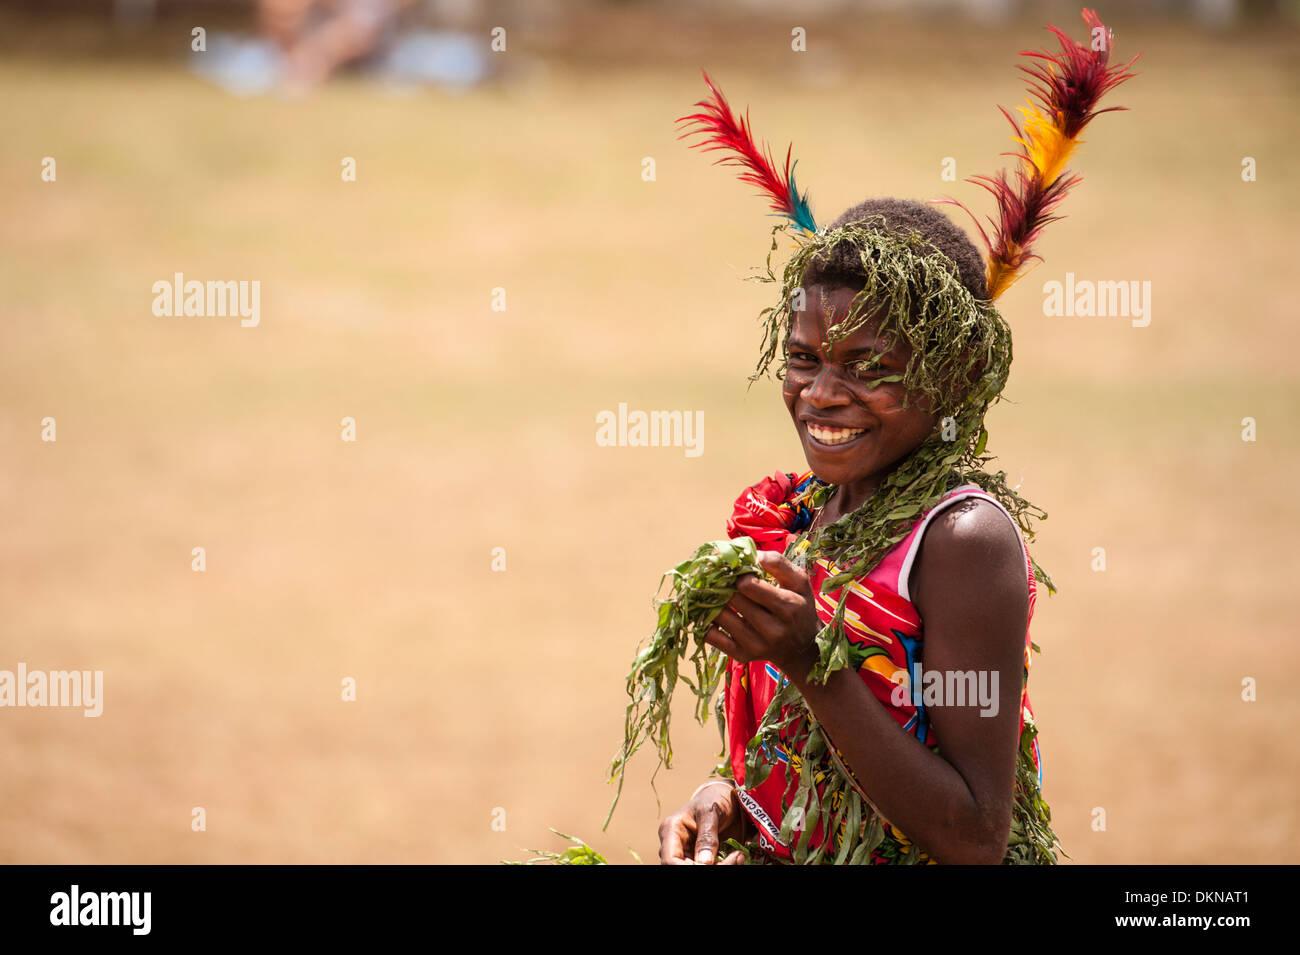 """Einer der Darsteller aus Tanna, die Teilnahme an dem Fest """"Sawagoro, eine Feier des Kastom, traditionelle Kultur in Vanuatu. Stockbild"""